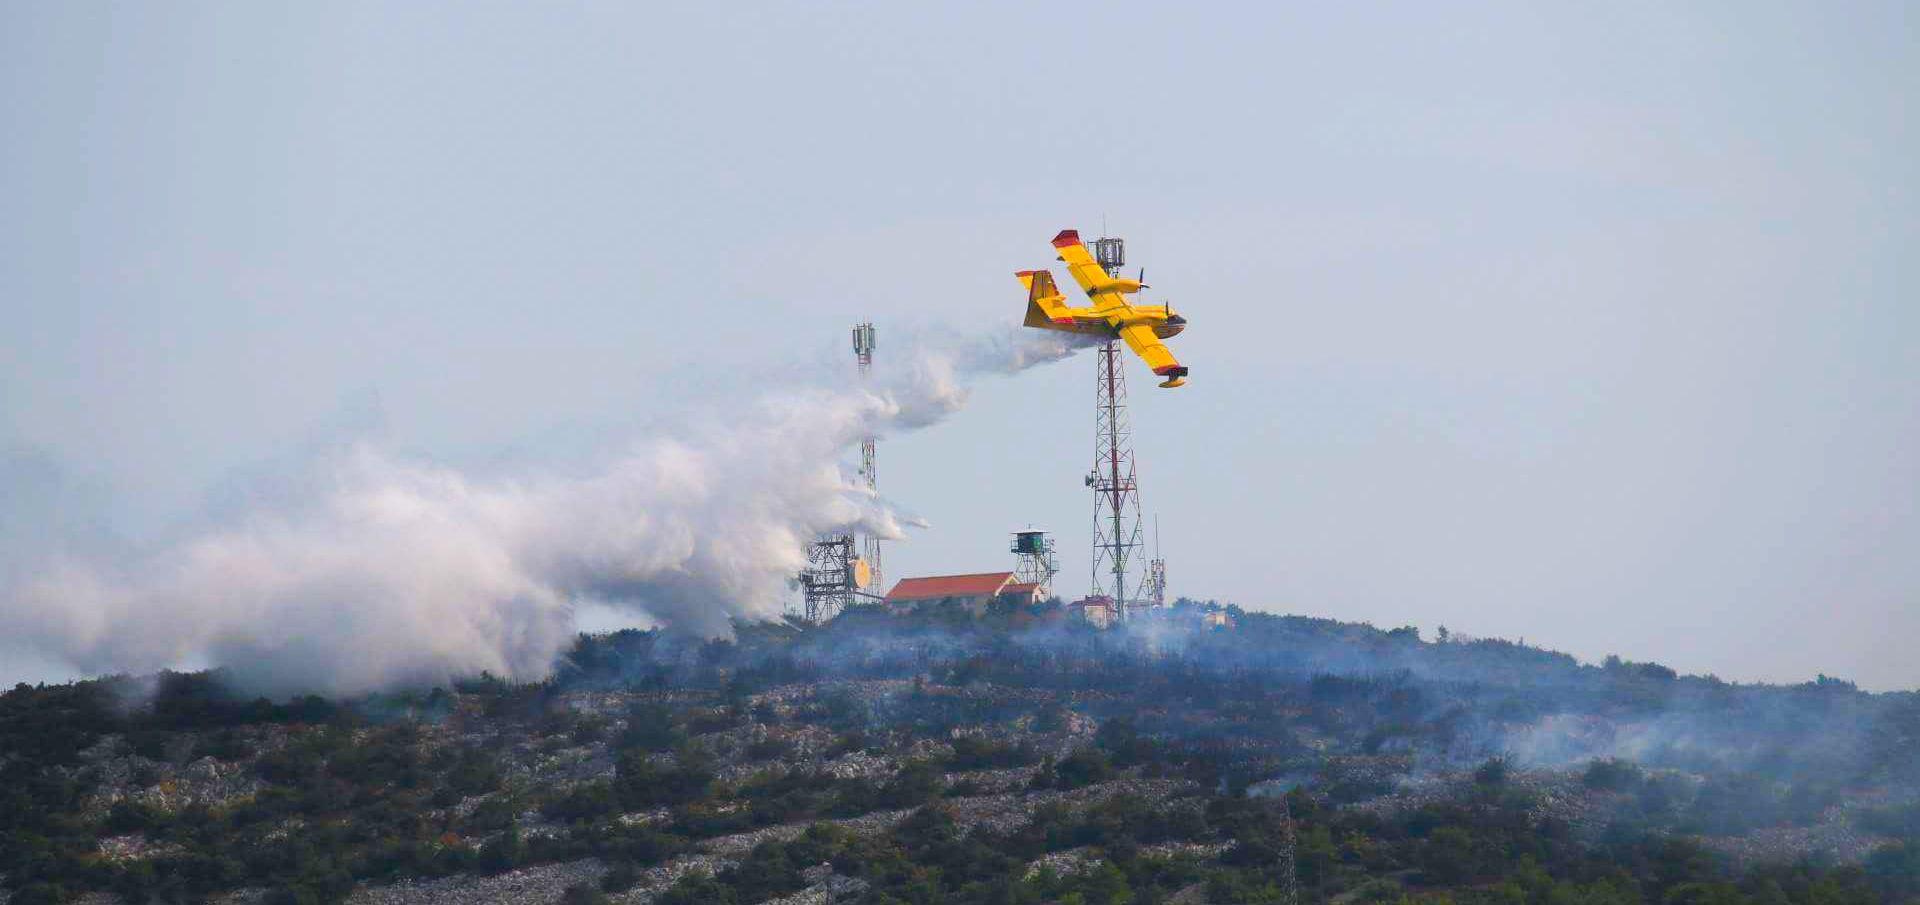 Kanader jutros gasio požar na Velebitu